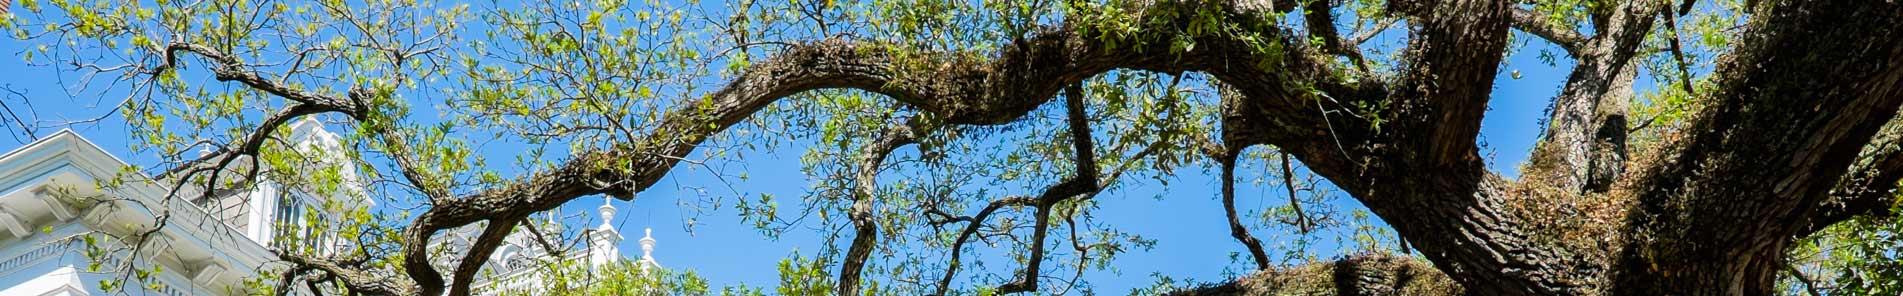 c-slide-tree2